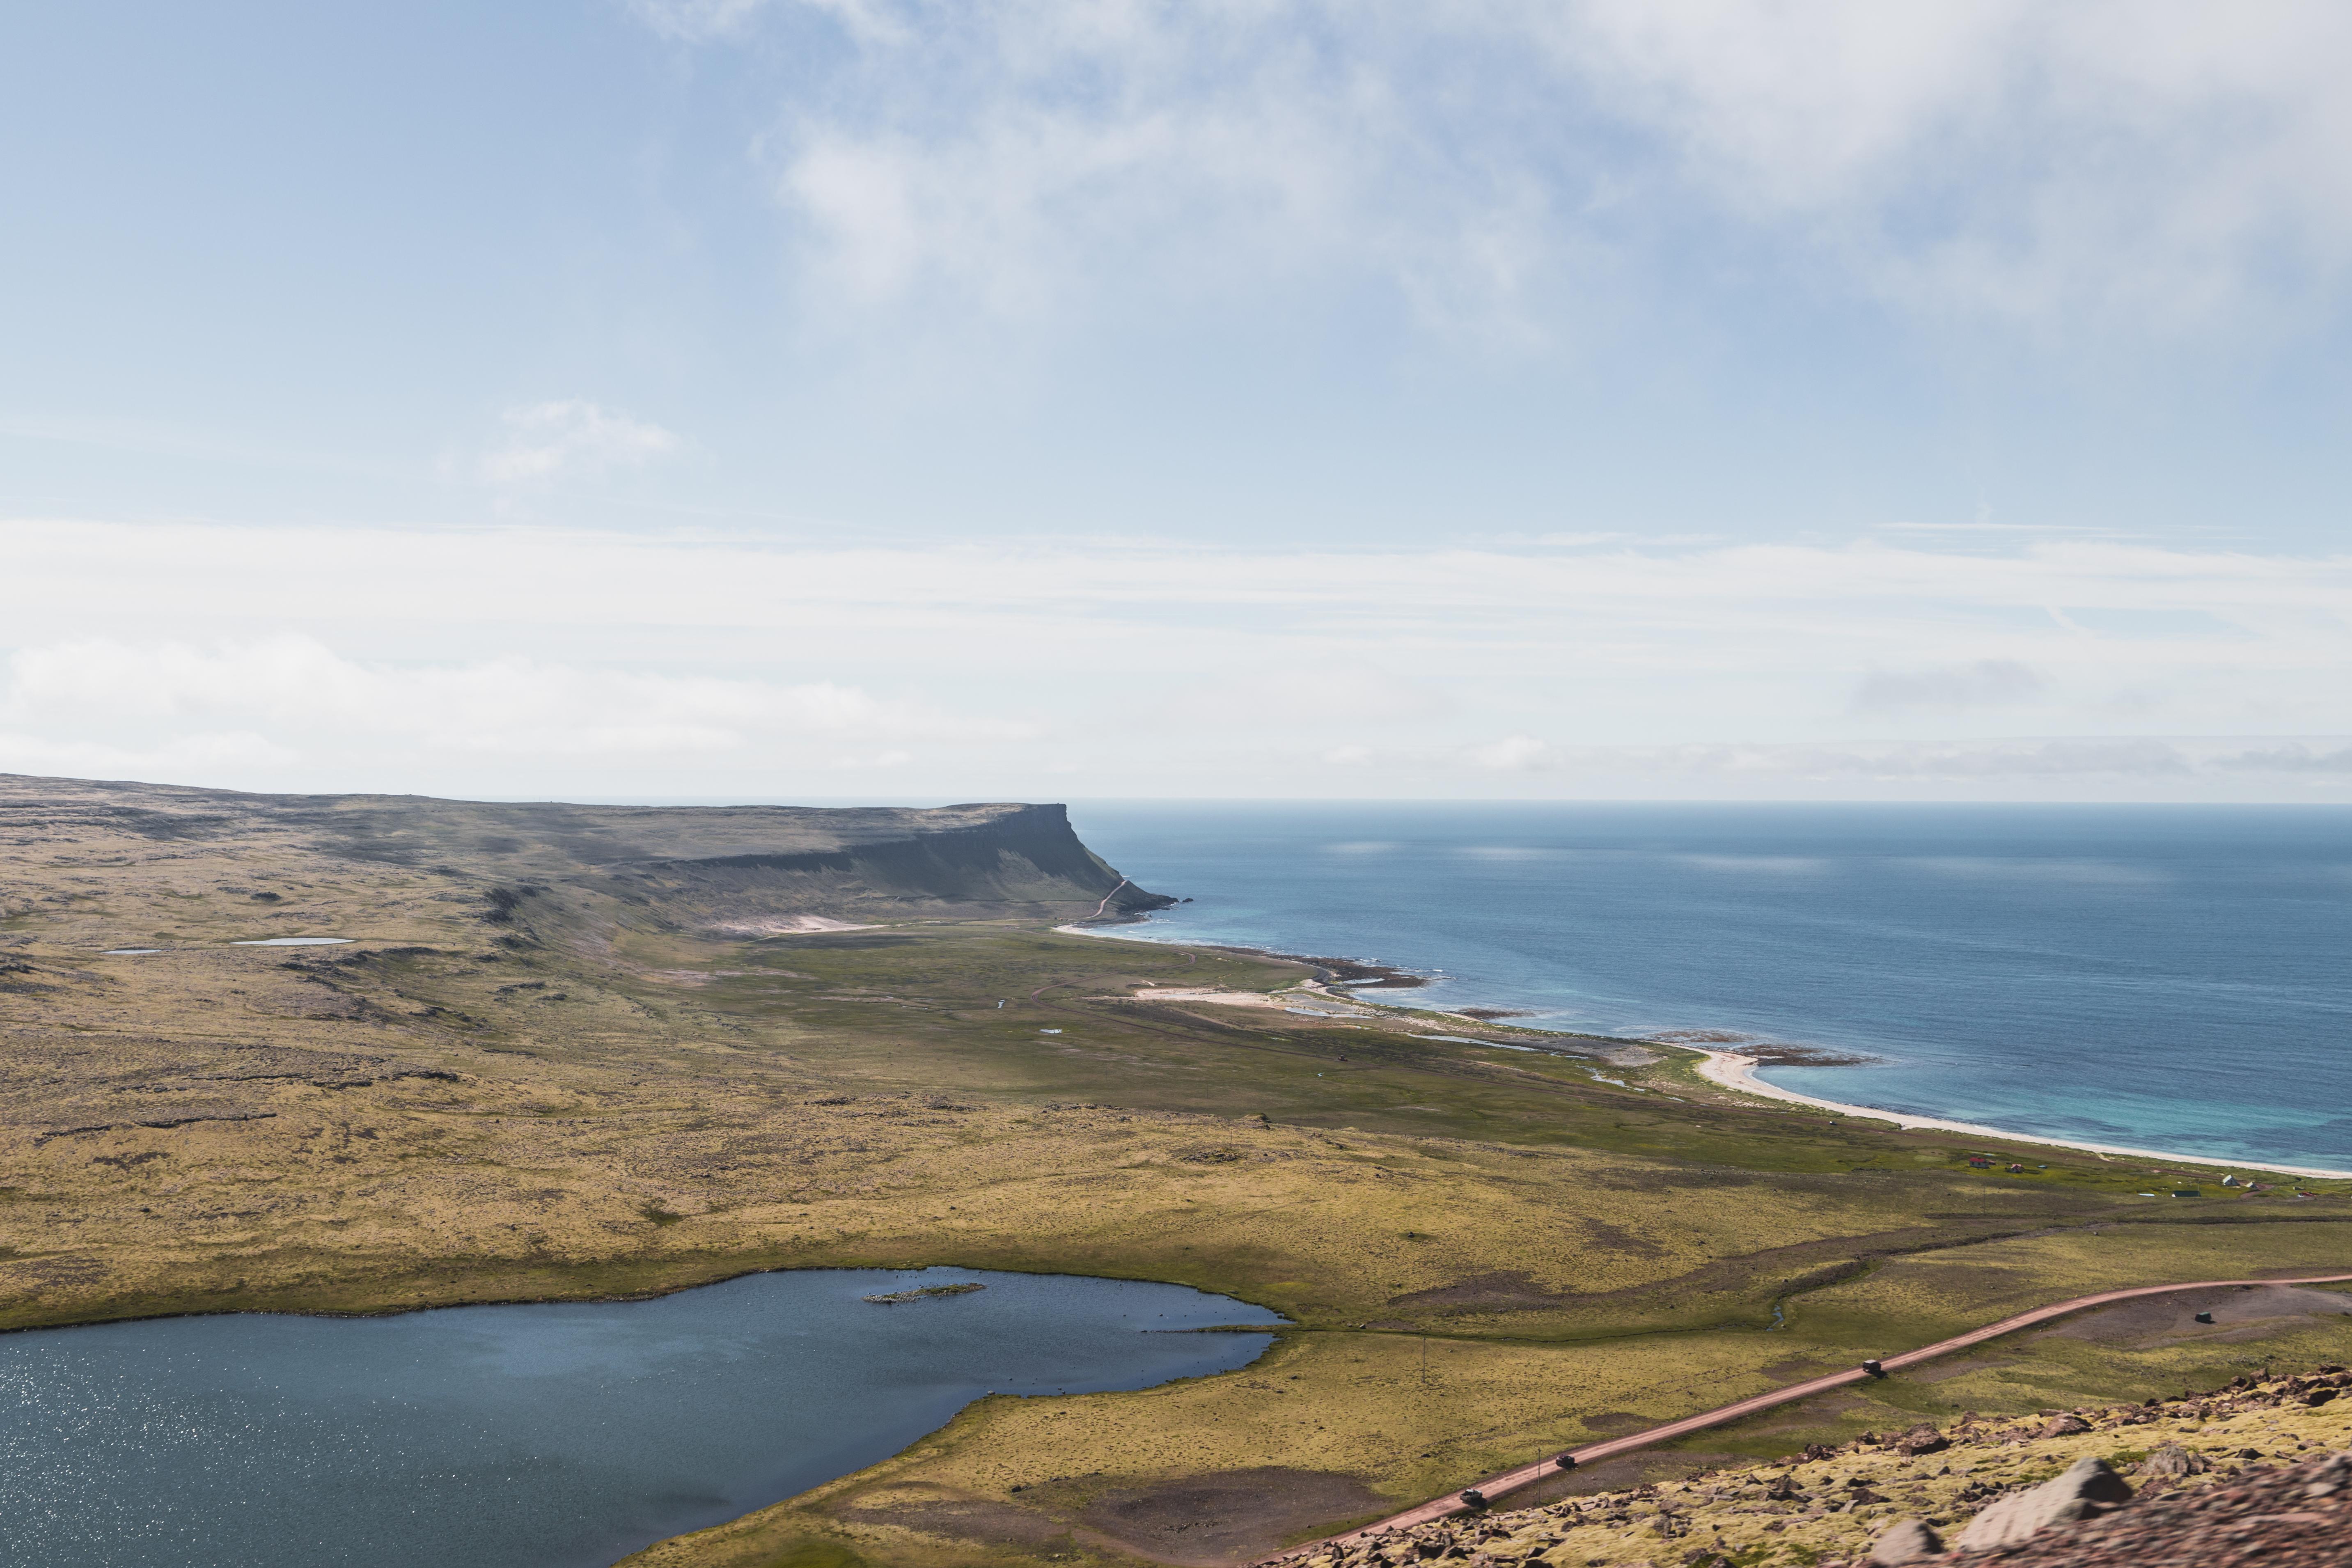 Islande | Les Fjords de l'Ouest et la péninsule du Snæfellsnes - Breiðavík